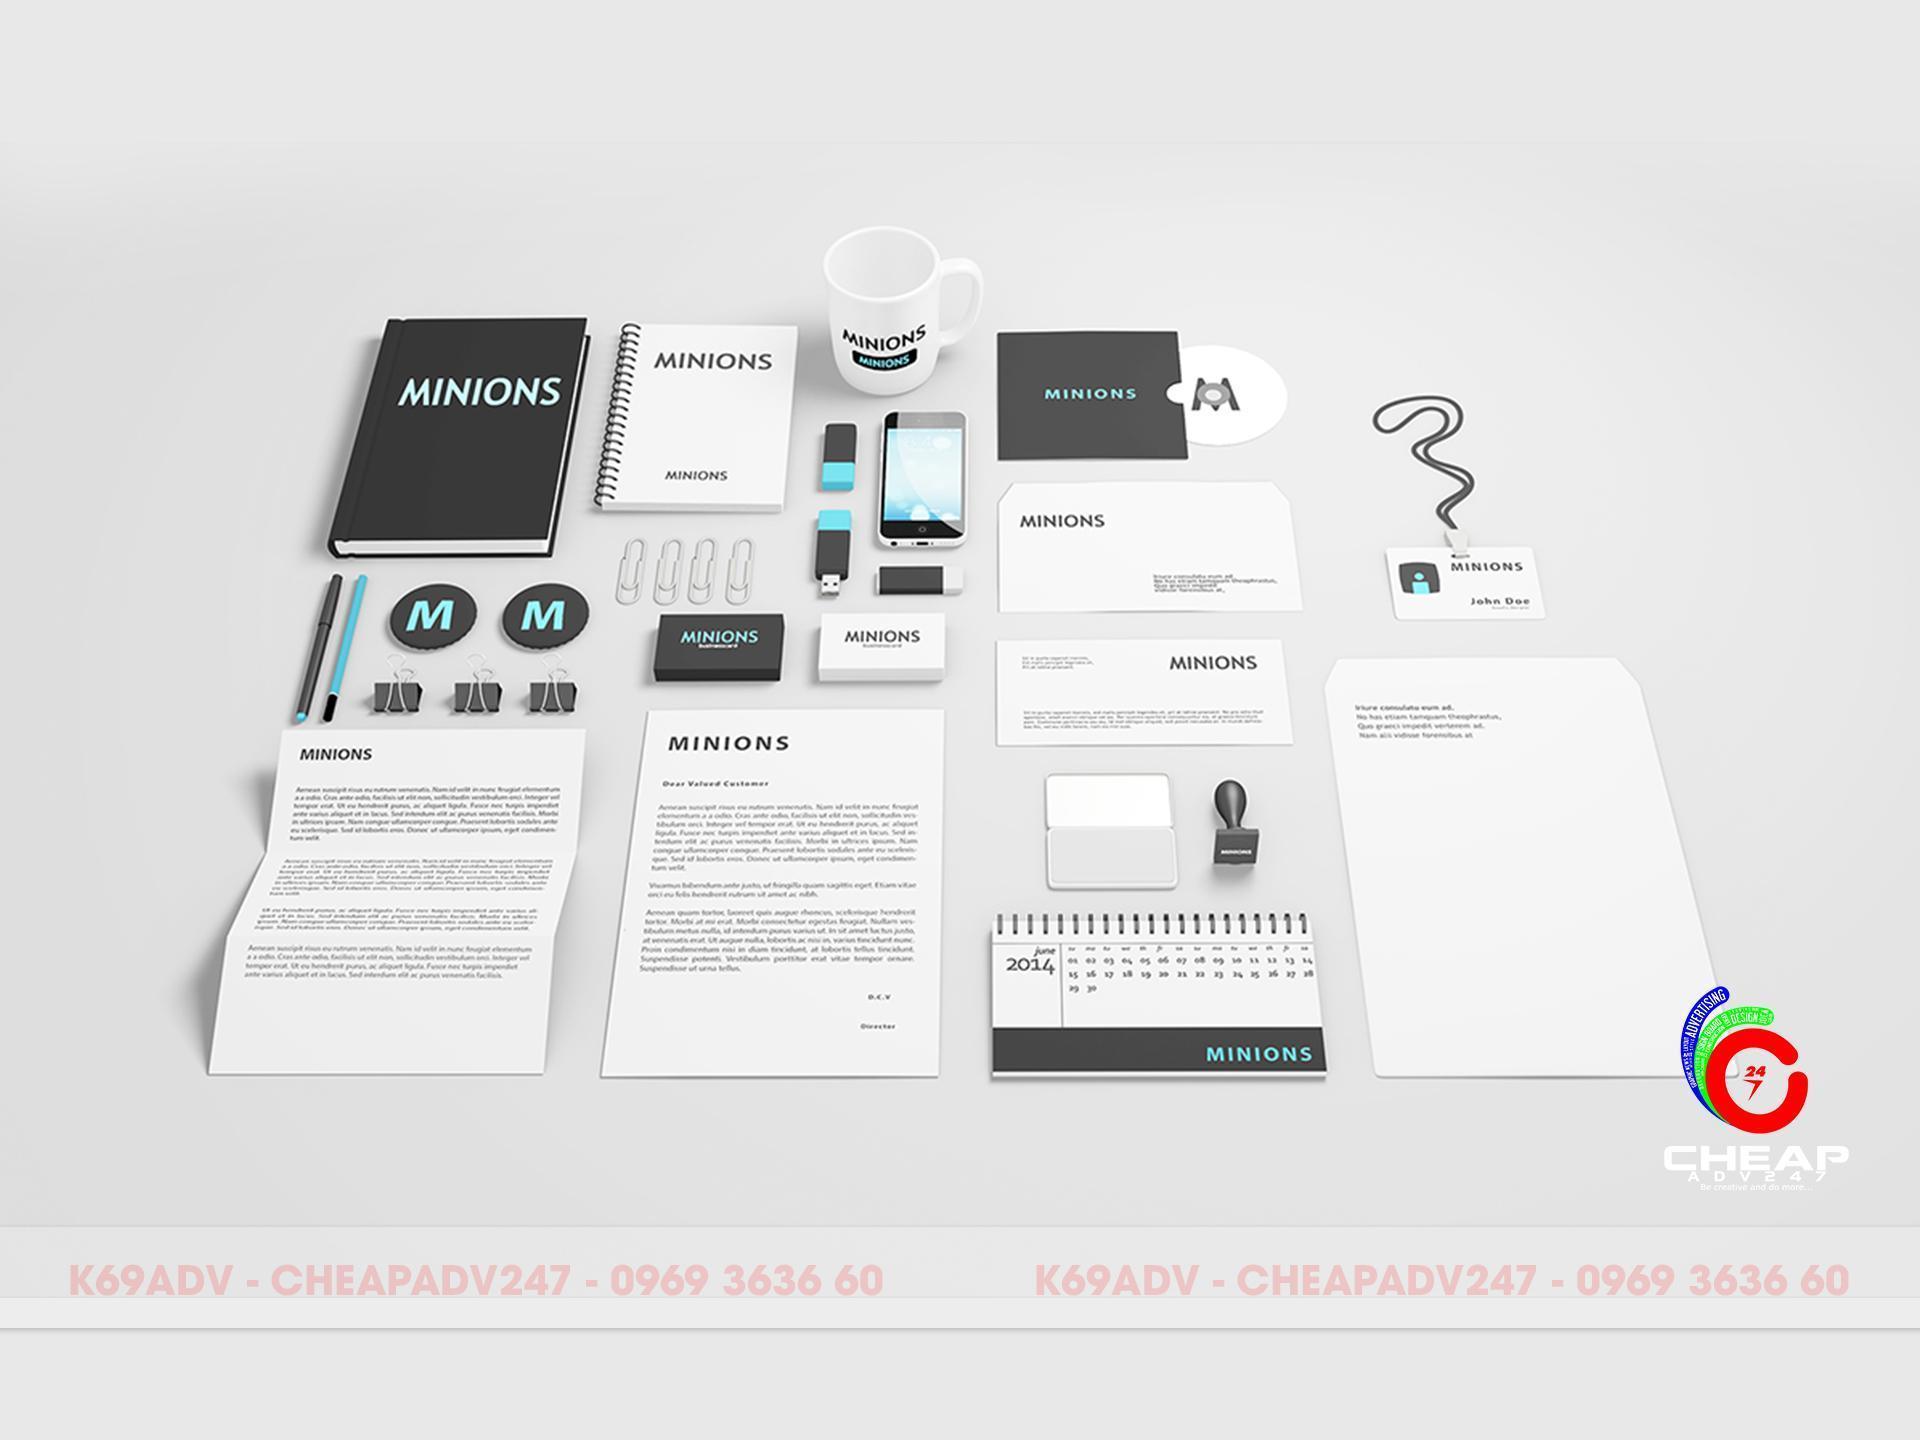 Ảnh bài viết báo giá thiết kế bộ nhận diện thương hiệu tại cheapadv247